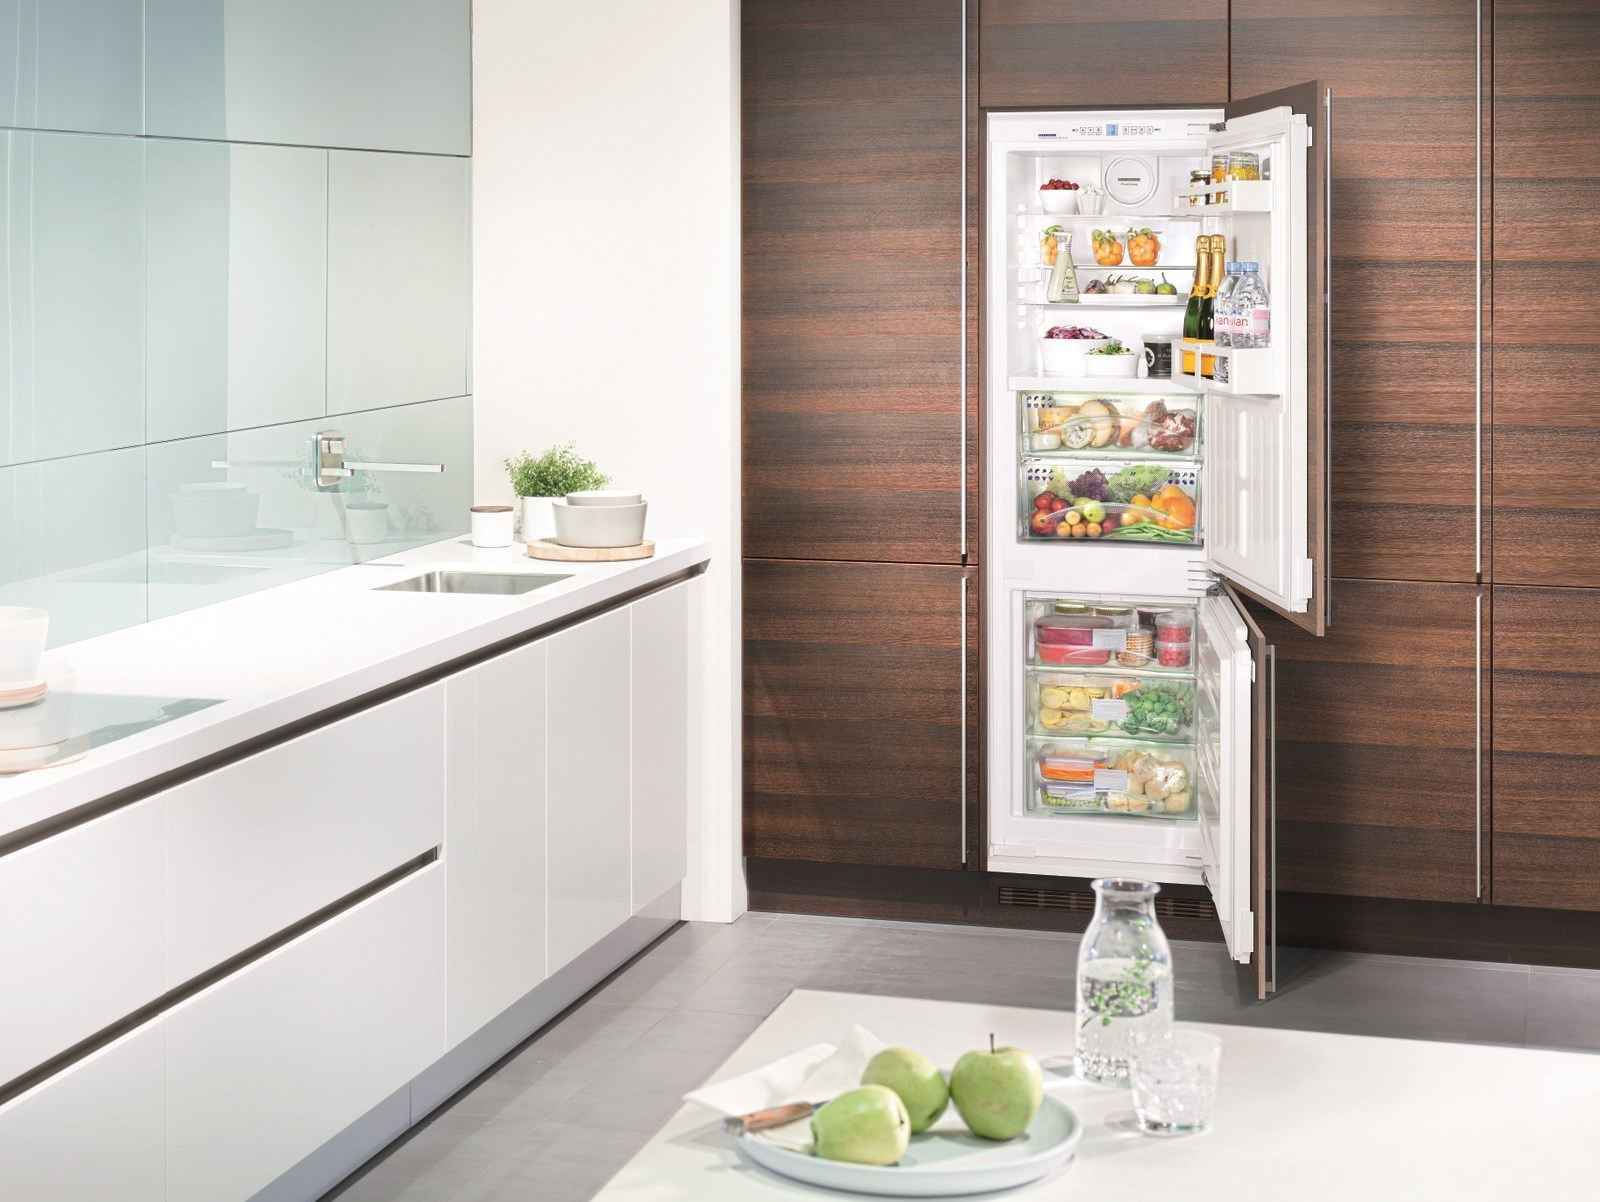 Выбираем холодильник до 5 000 грн - встраиваемый маленький холодильник